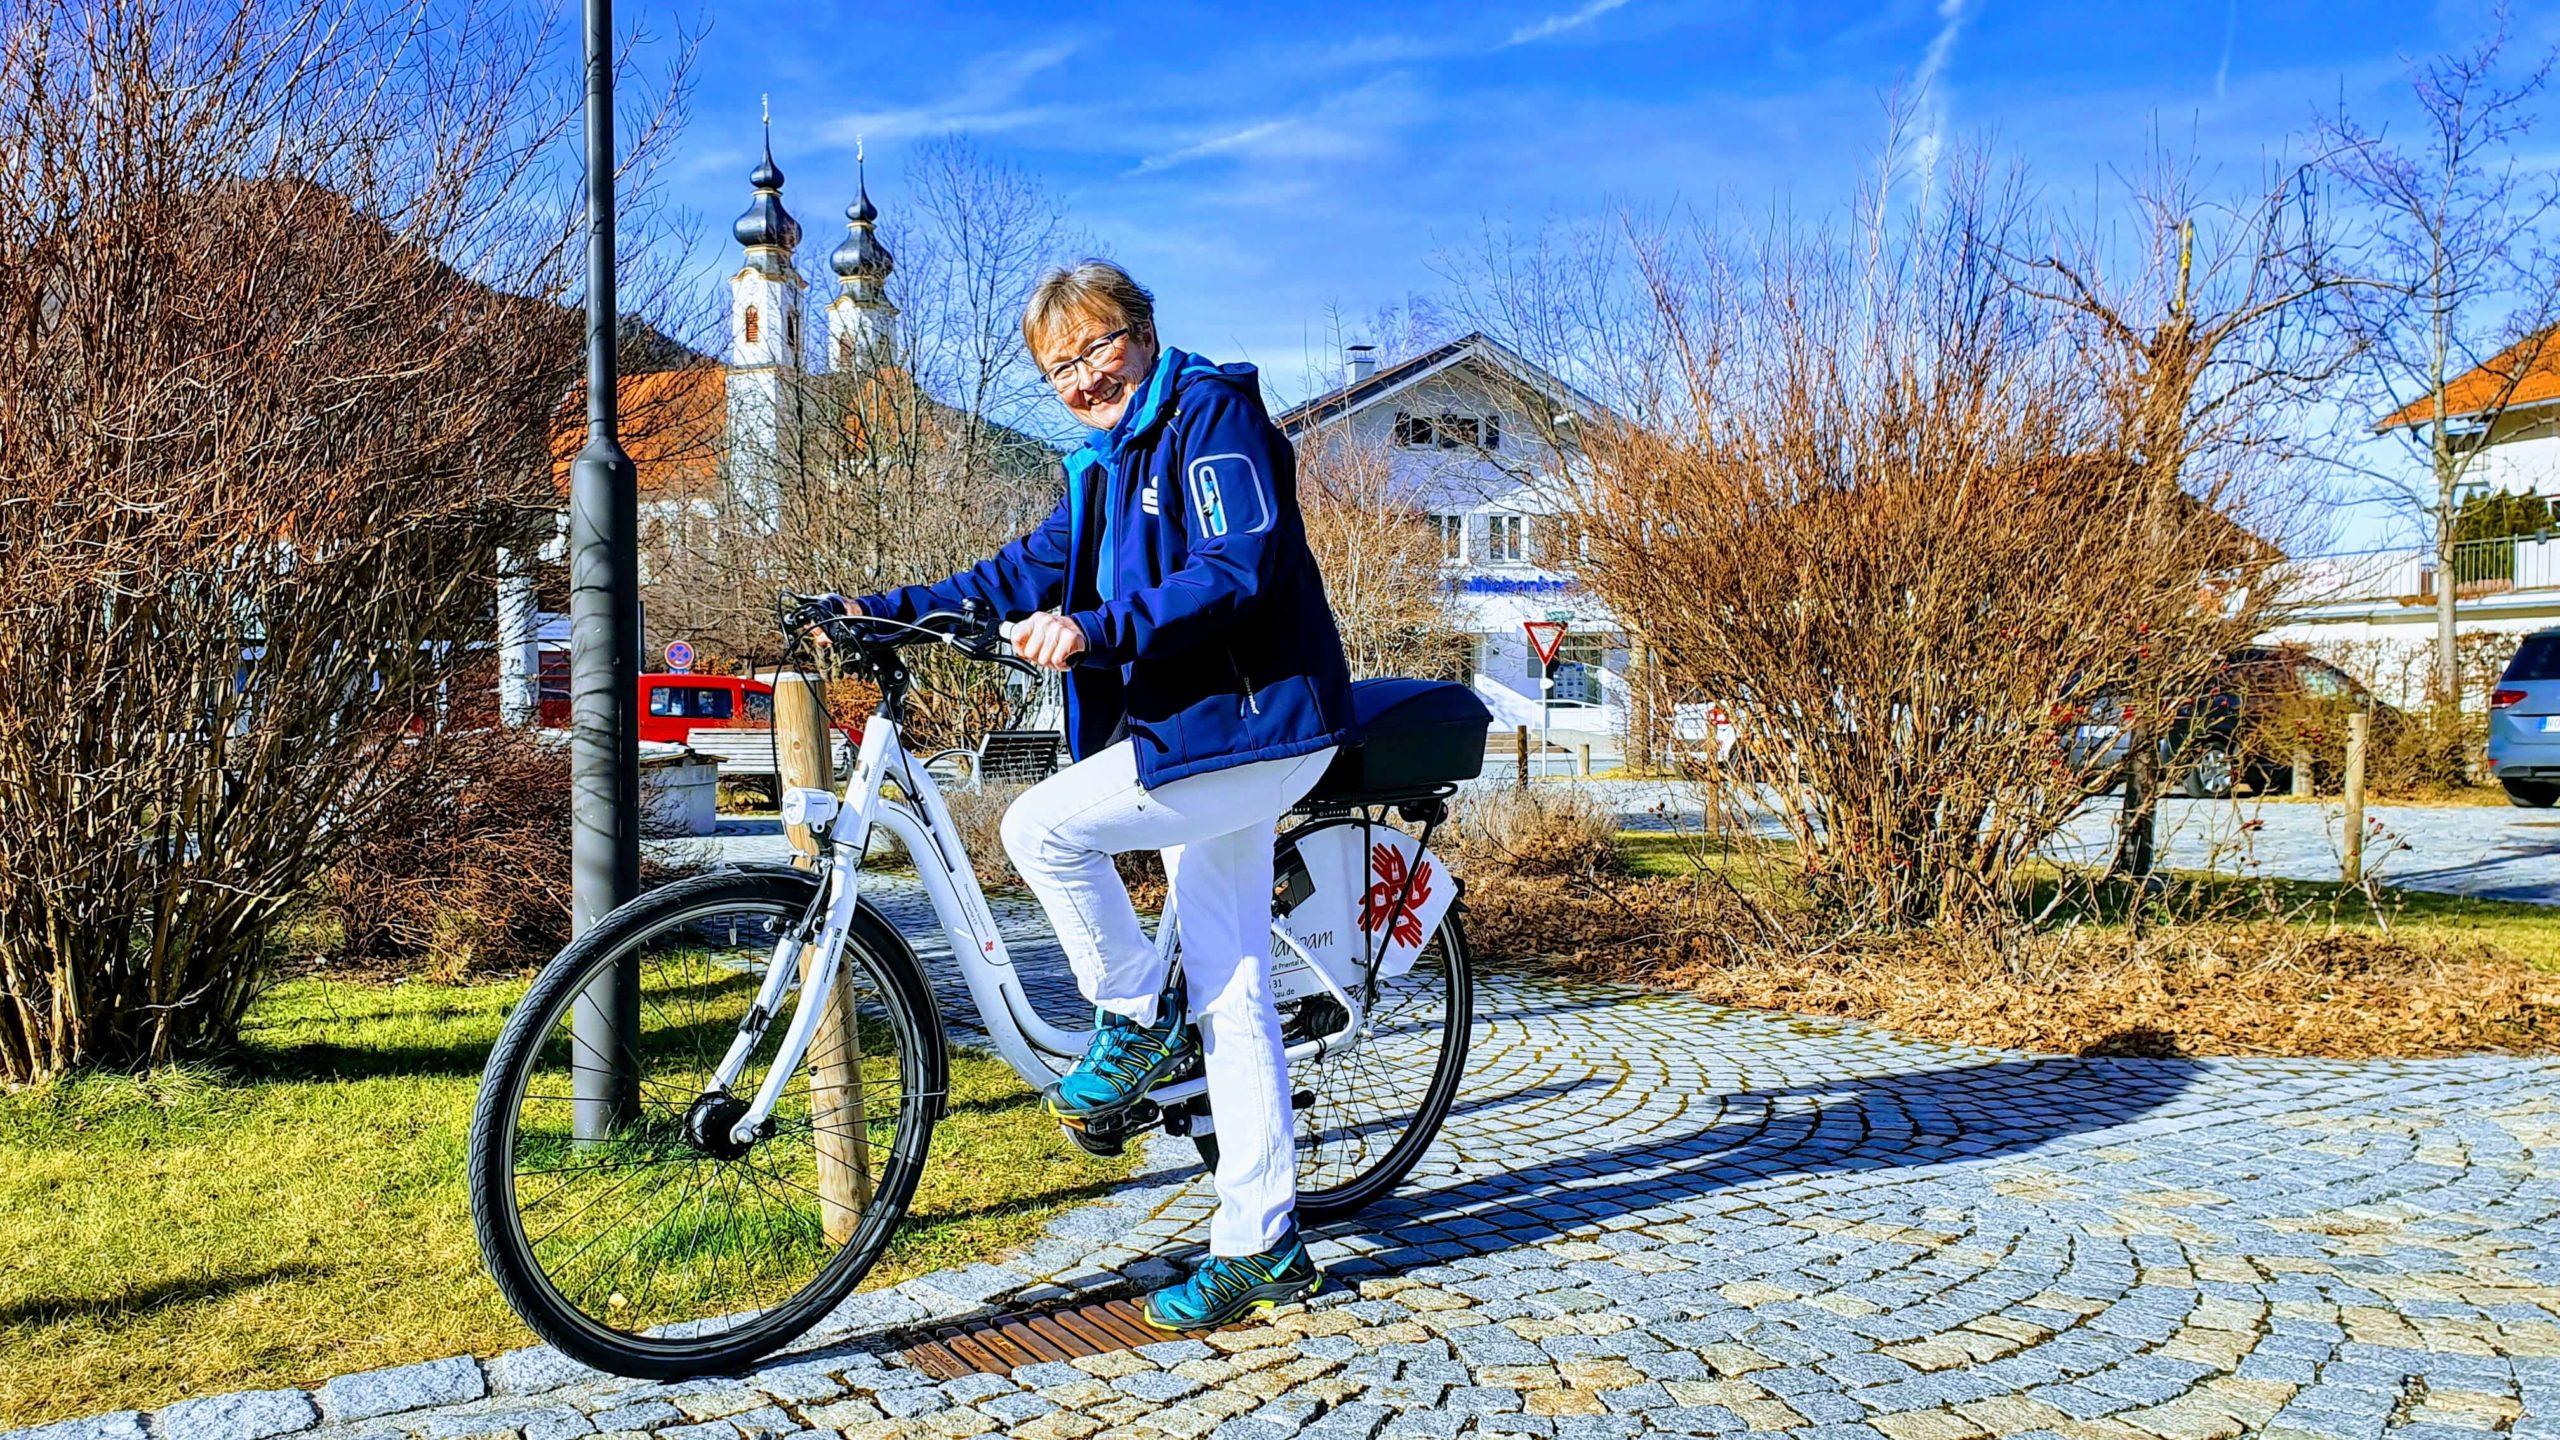 Pflege dahoam - mit dem Fahrrad